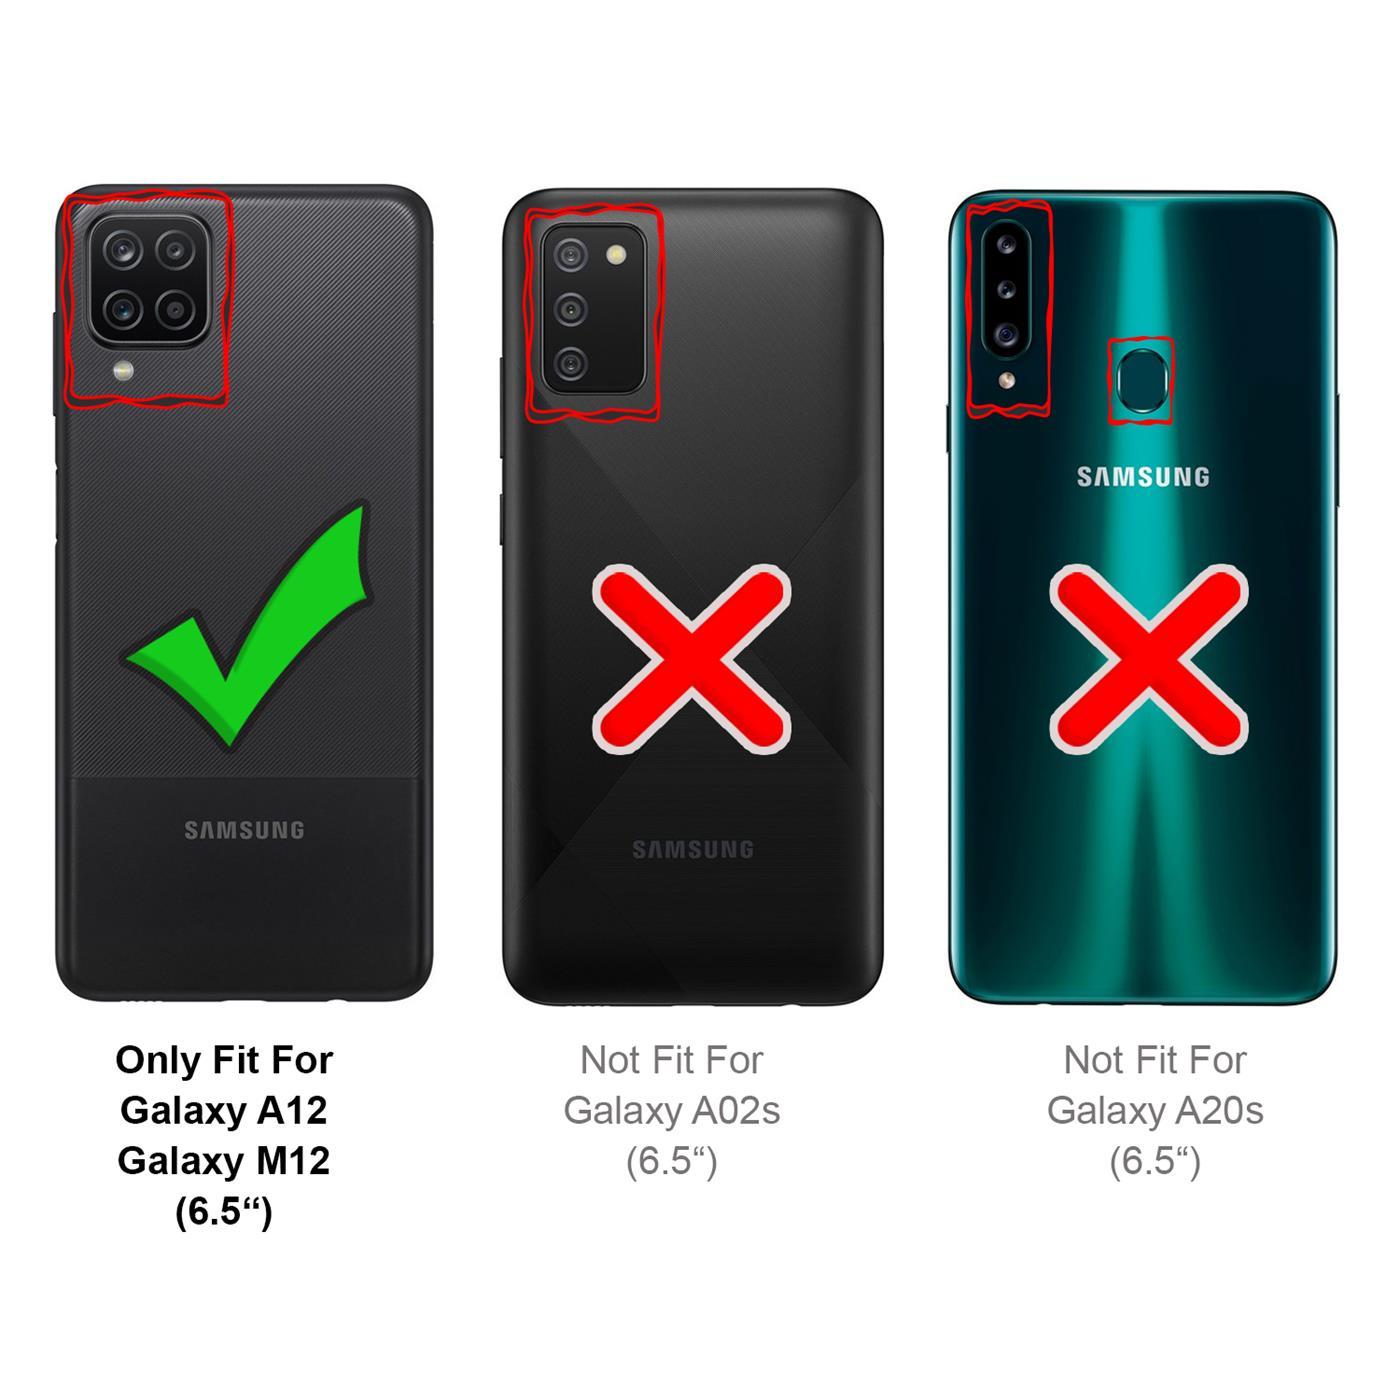 miniatura 10 - Funda de móvil para Samsung Galaxy a12 m12, funda protectora Book Funda protectora móvil cartera cover